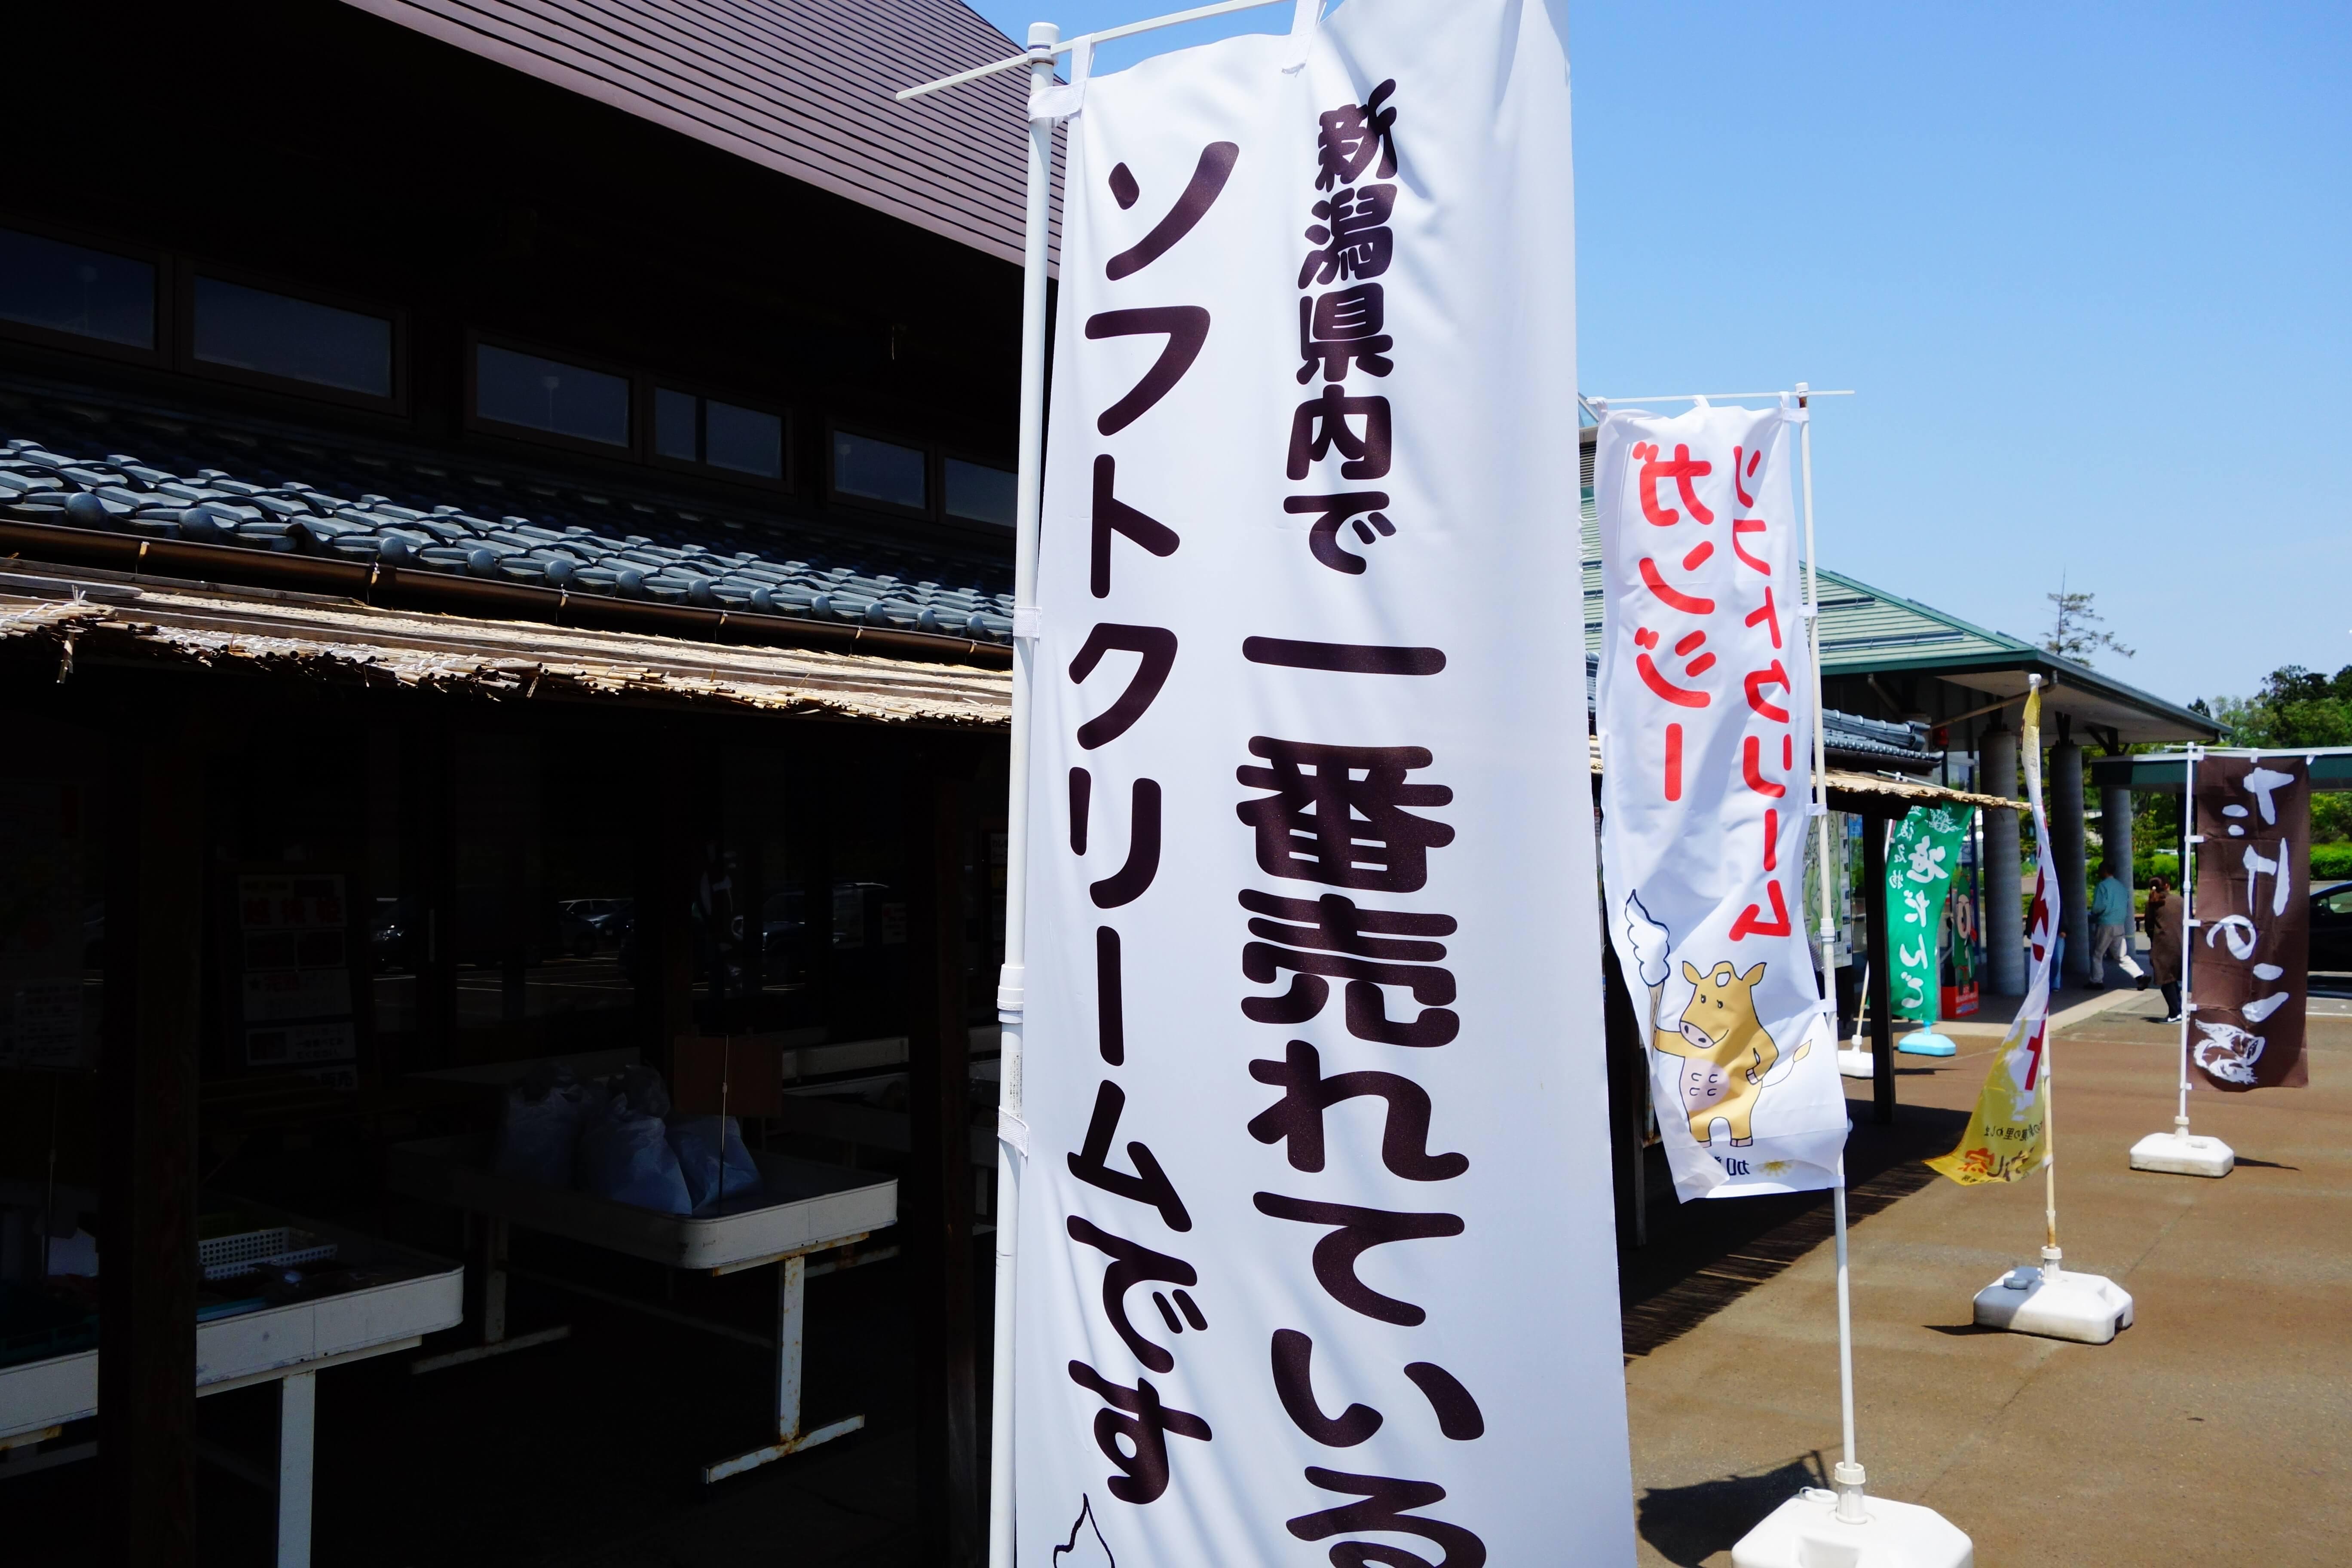 良寛の里わしま|日本に200頭!長岡市にある貴重な新鮮ミルクから作ったガンジーソフトクリームがオススメ